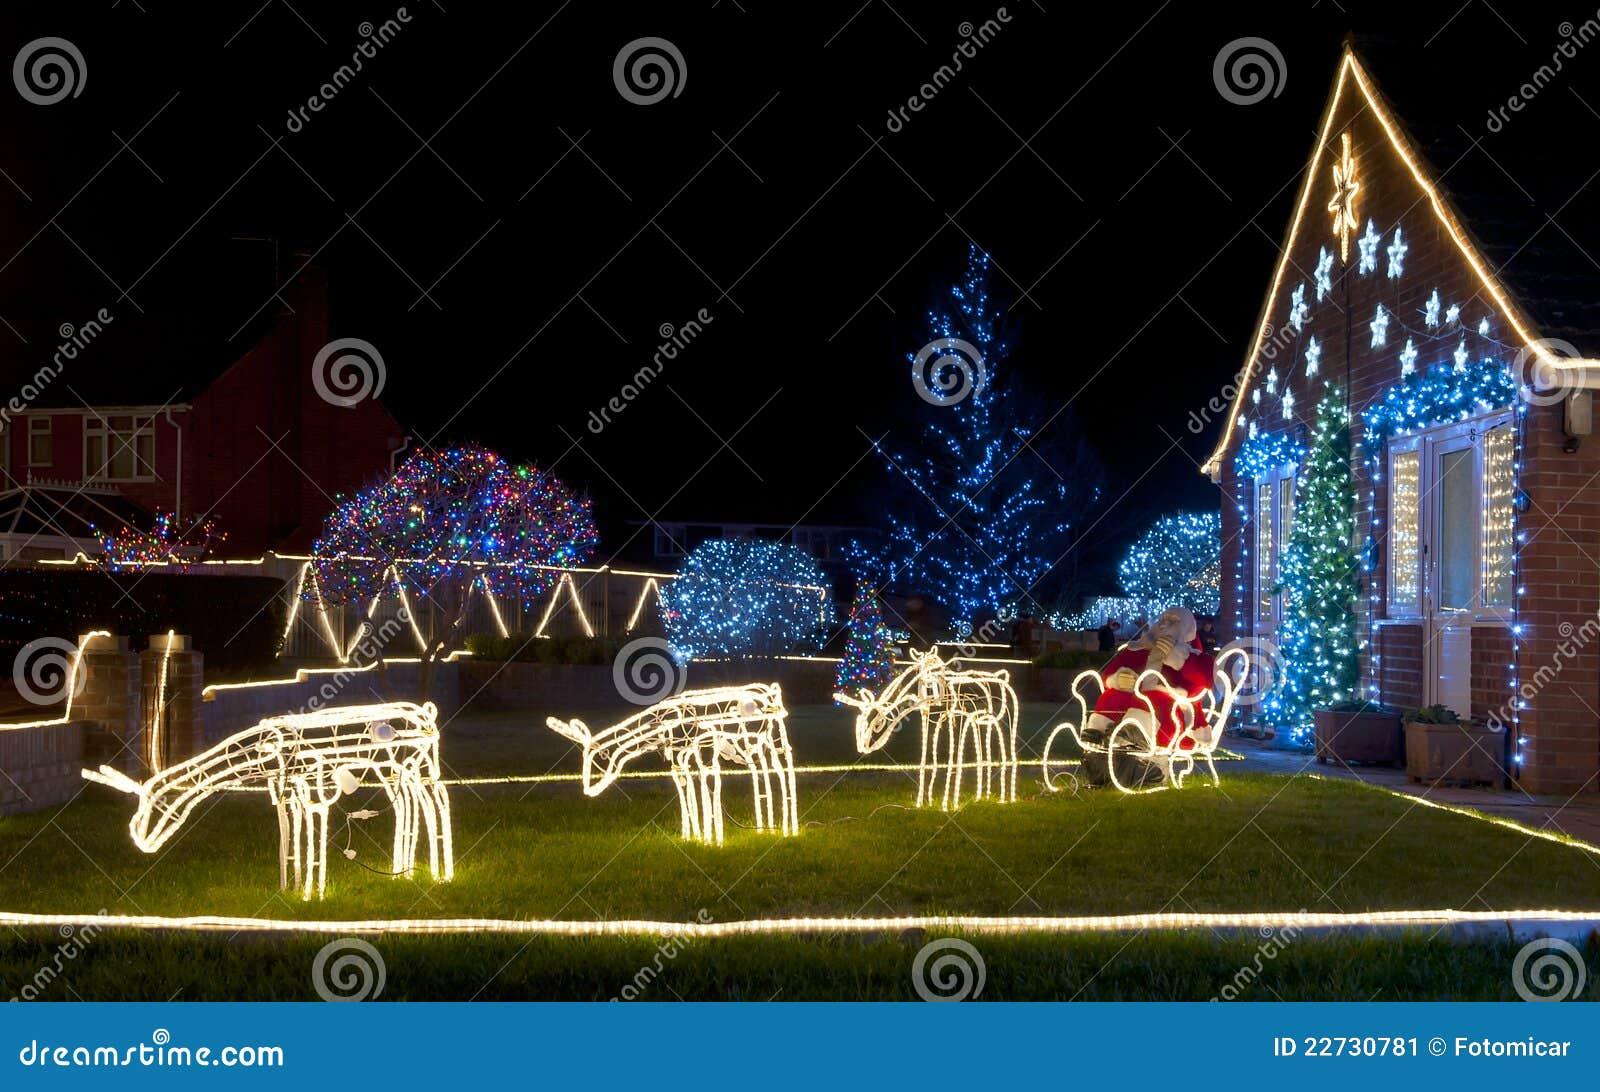 Indicatori luminosi di natale della renna immagine stock immagine di colorful dicembre 22730781 - Renna natalizia luminosa per giardino ...